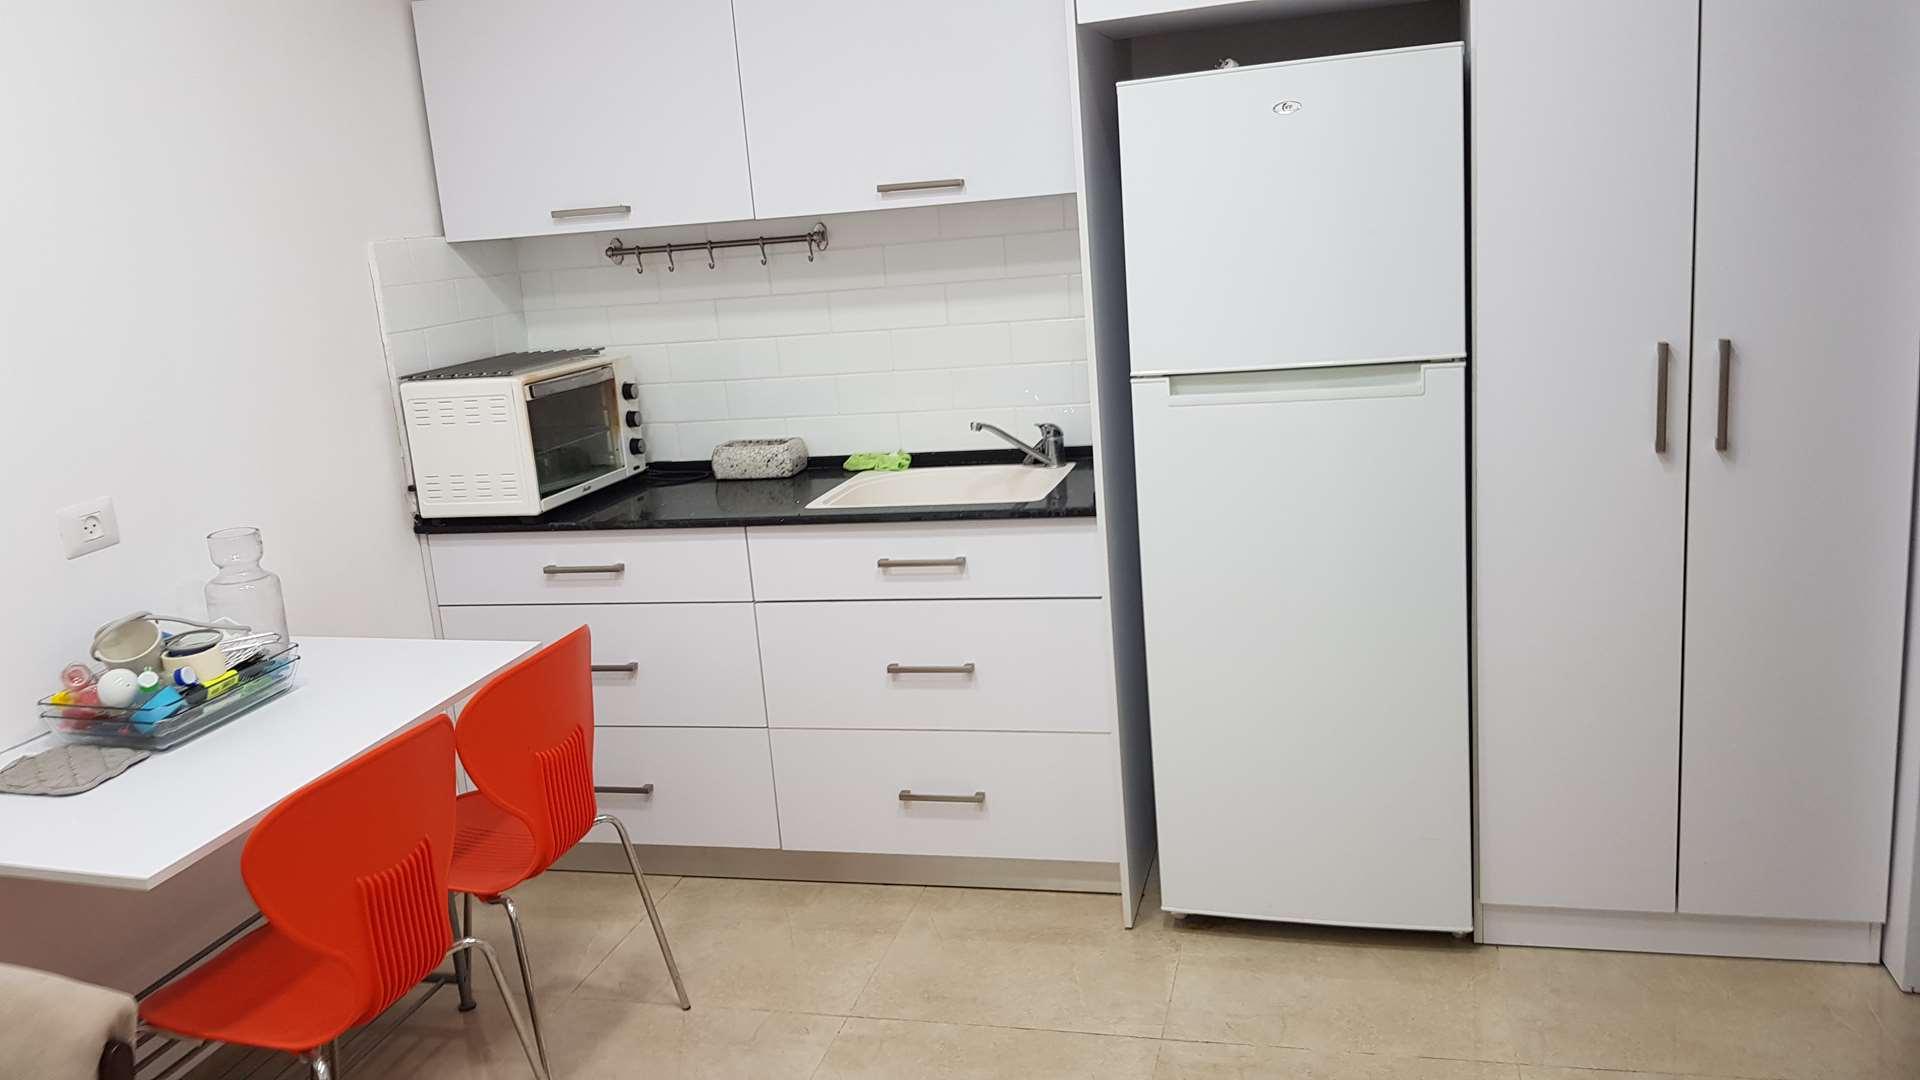 יחידת דיור להשכרה 2 חדרים בבאר שבע יצחק למדן ב